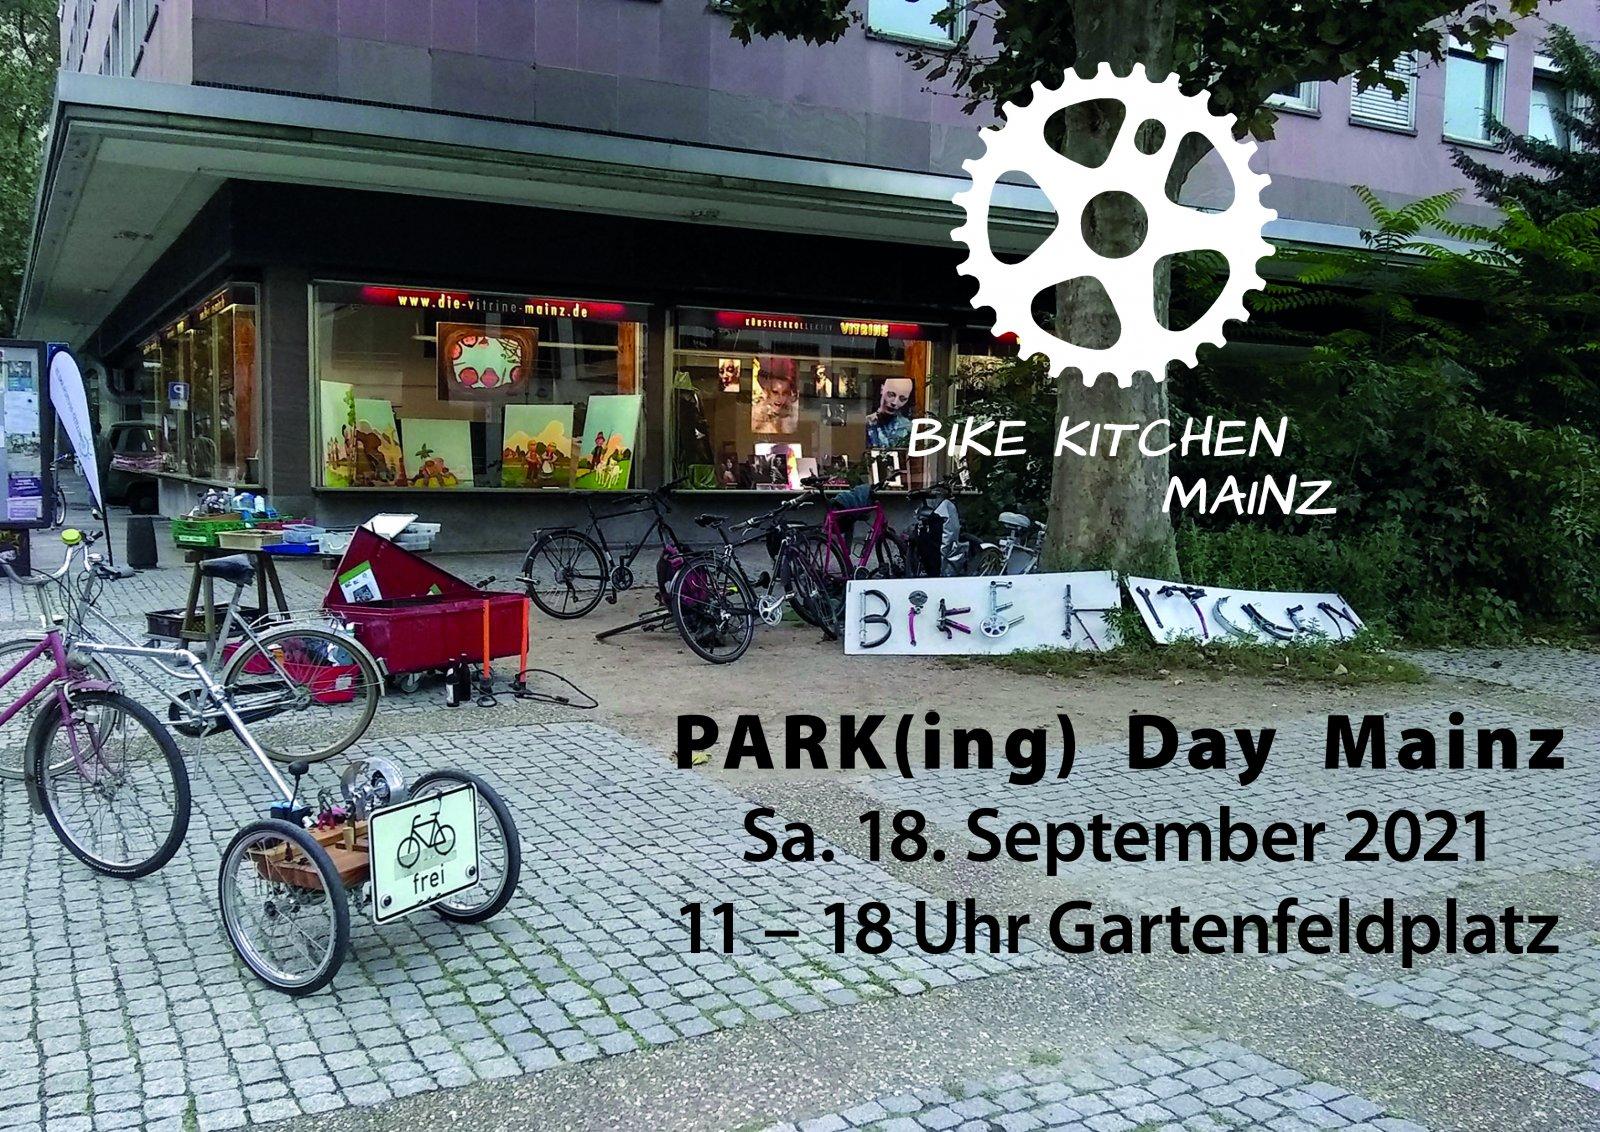 parking day.jpg